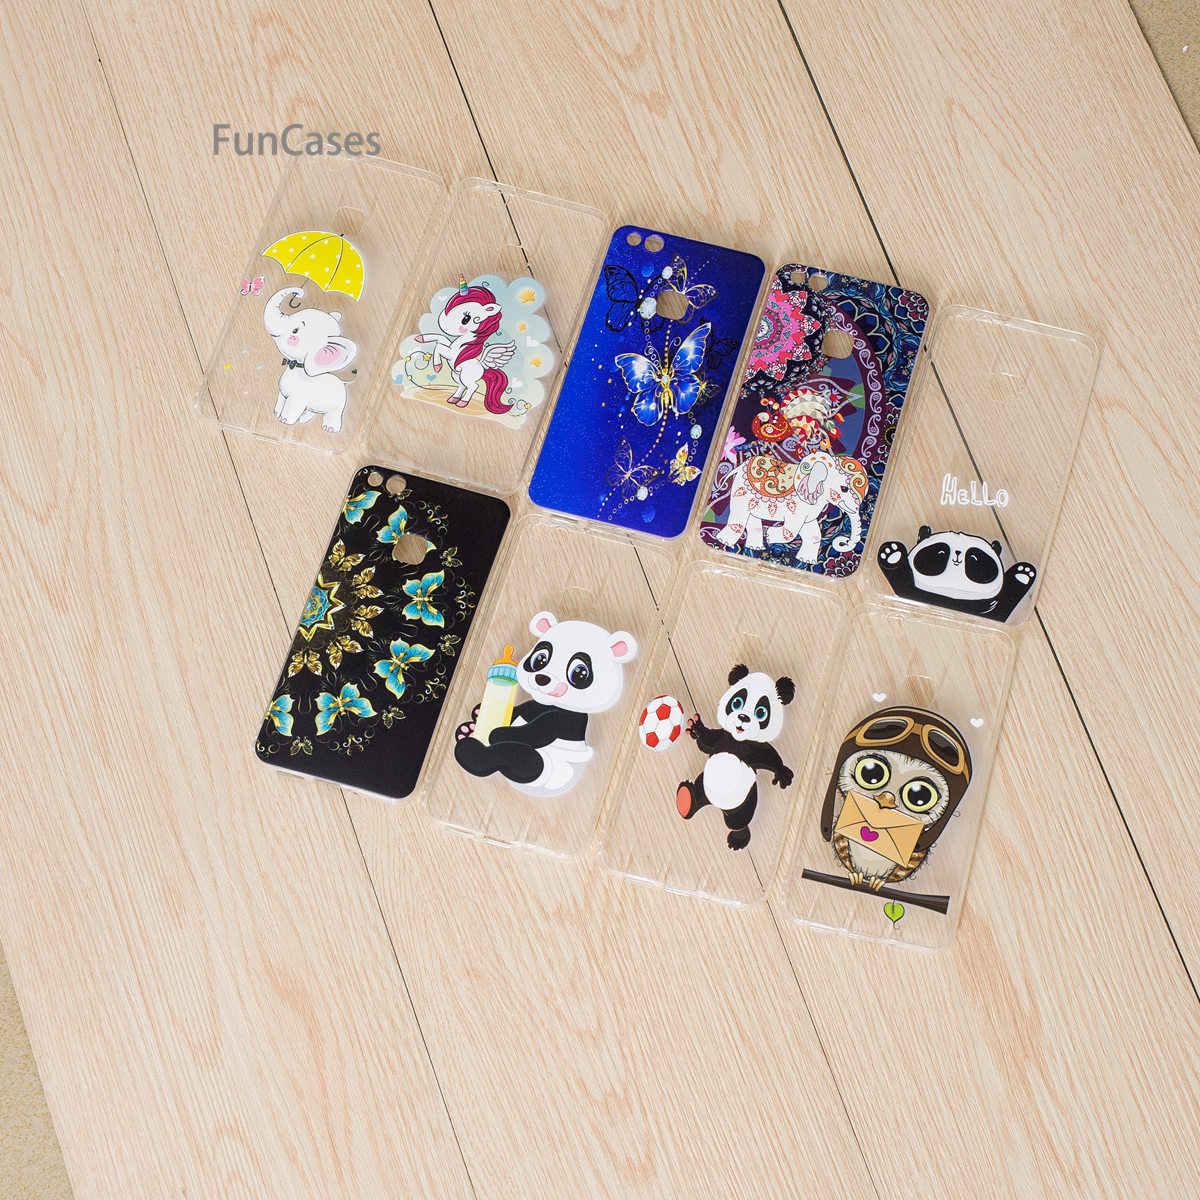 Bonjour Panda coque de téléphone pour Hoesje Huawei P10 Lite coque de téléphone en Silicone souple merveilleuse coque de téléphone Huawei Ascend Nova Lite